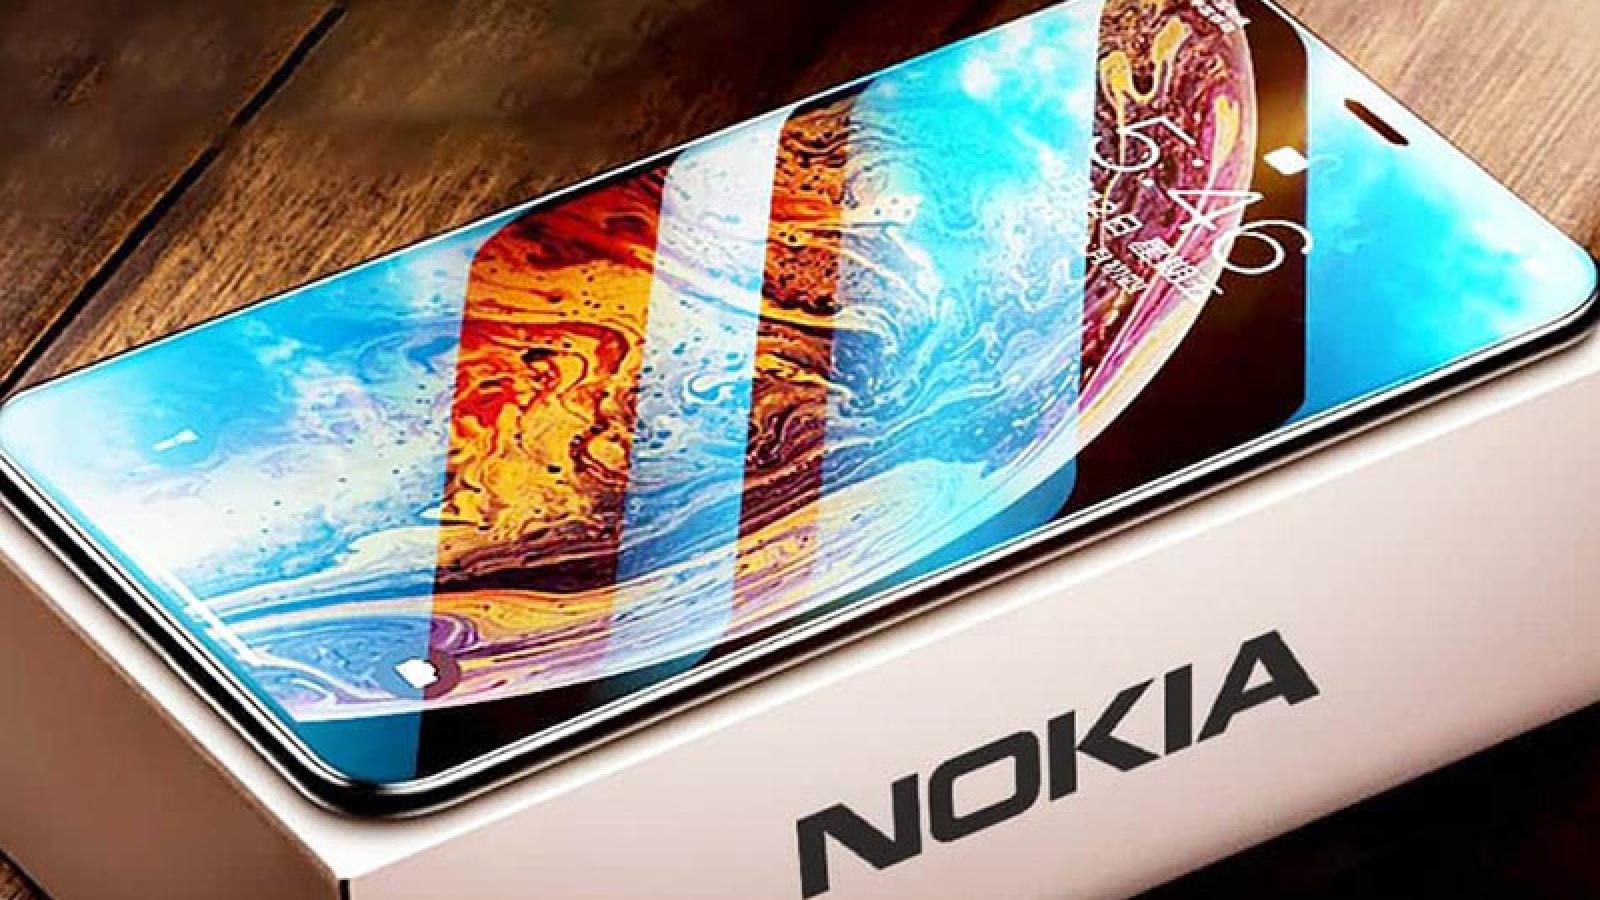 Nokia X50 rò rỉ với nhiều tính năng hấp dẫn